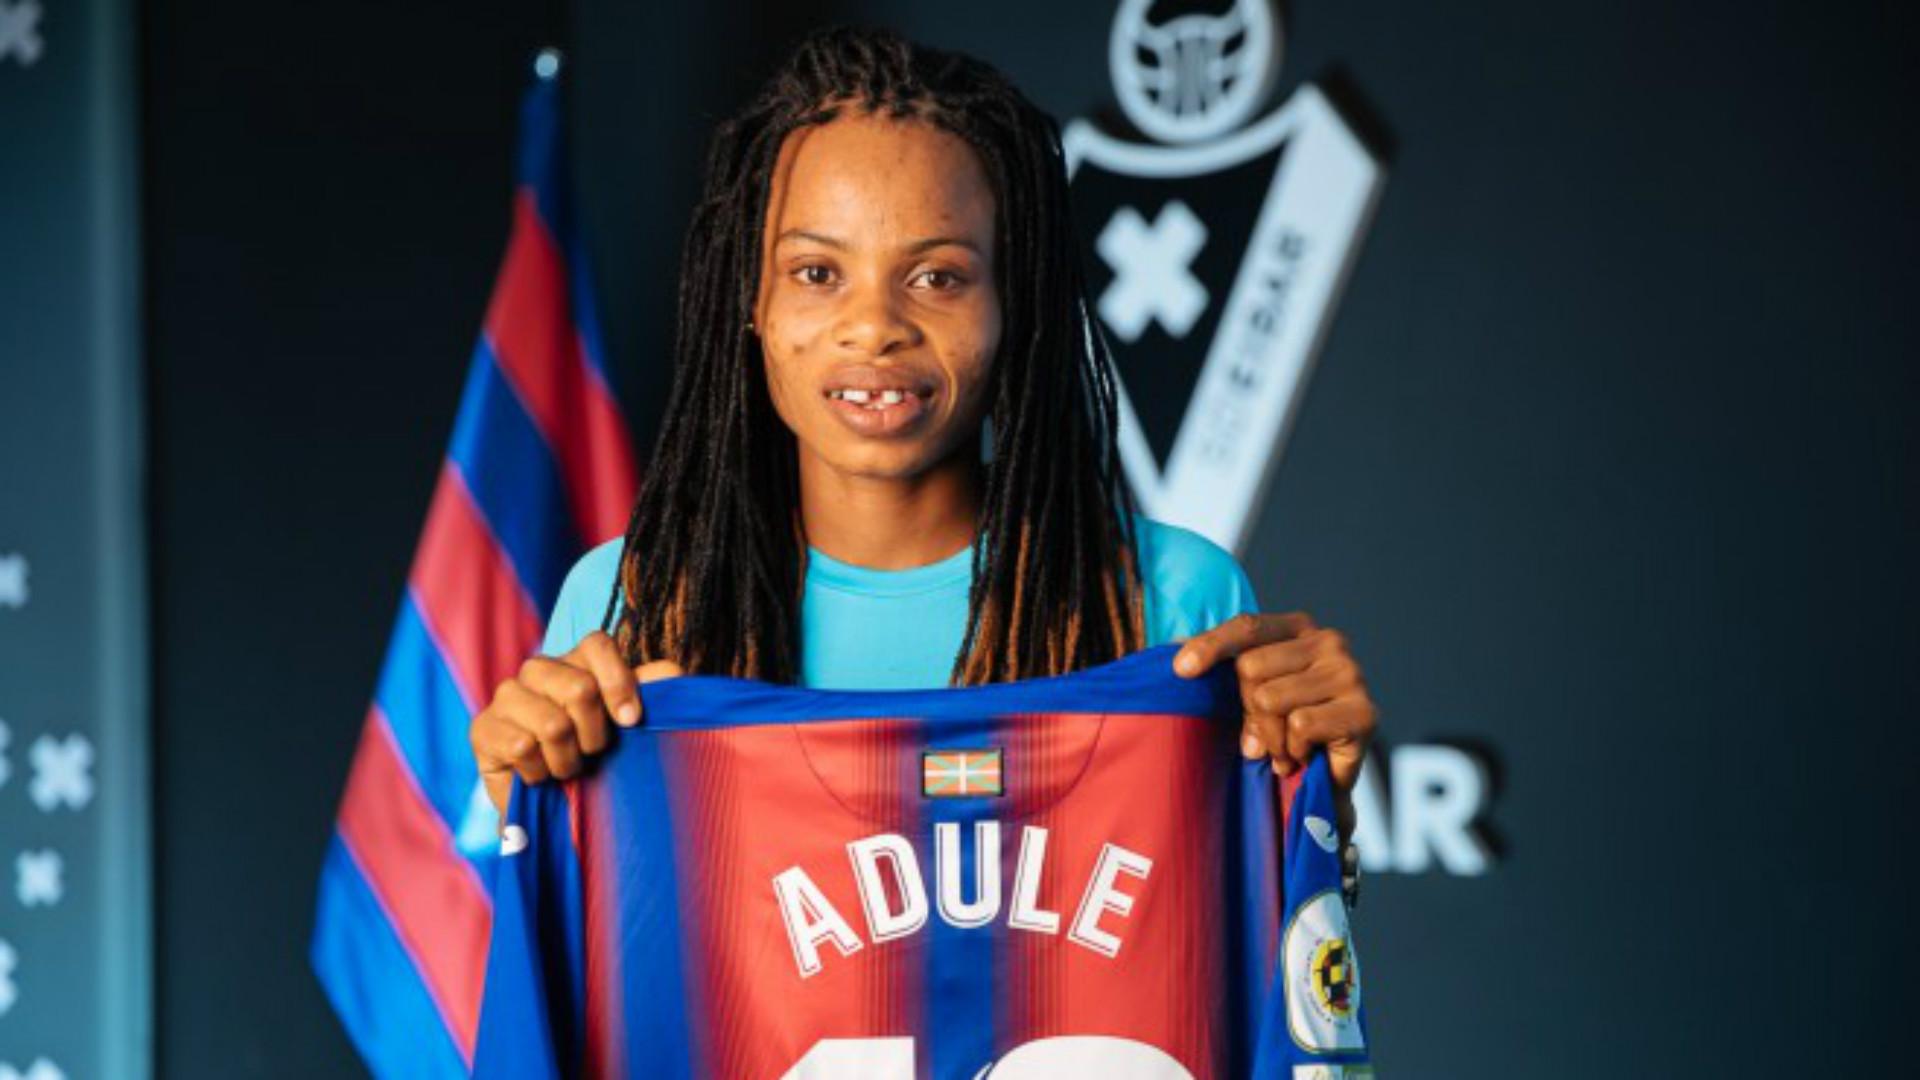 'We've achieved our goal' - Adule celebrates Spanish Primera Iberdrola promotion with Eibar